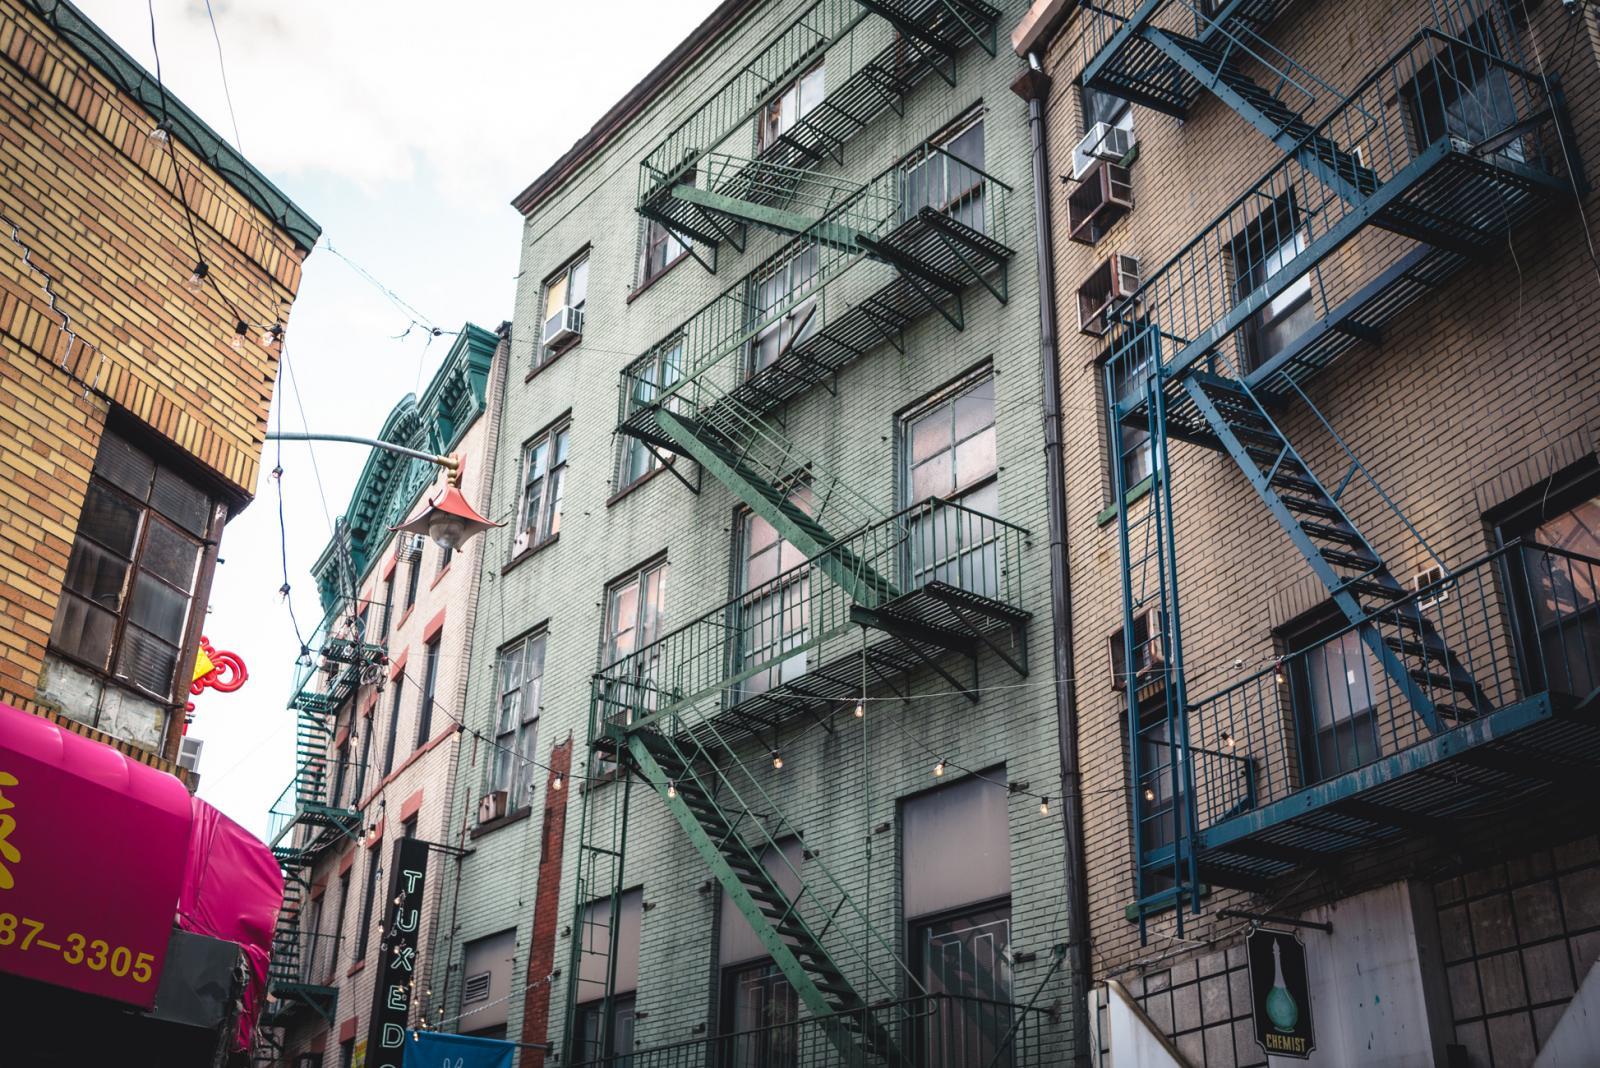 Nom Wah Tea Parlor NYC